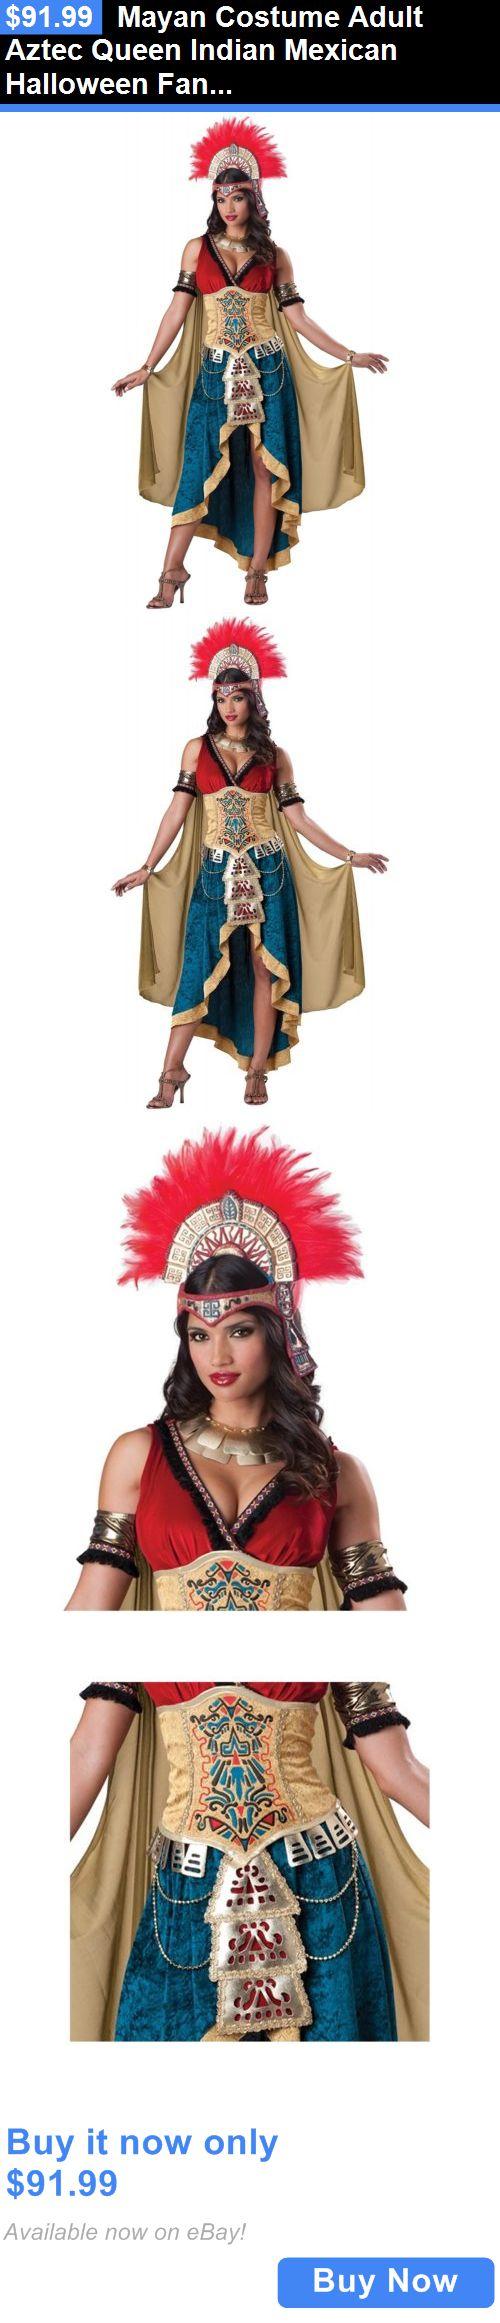 halloween costumes women mayan costume adult aztec queen indian mexican halloween fancy dress buy it - Mexican Halloween Mask